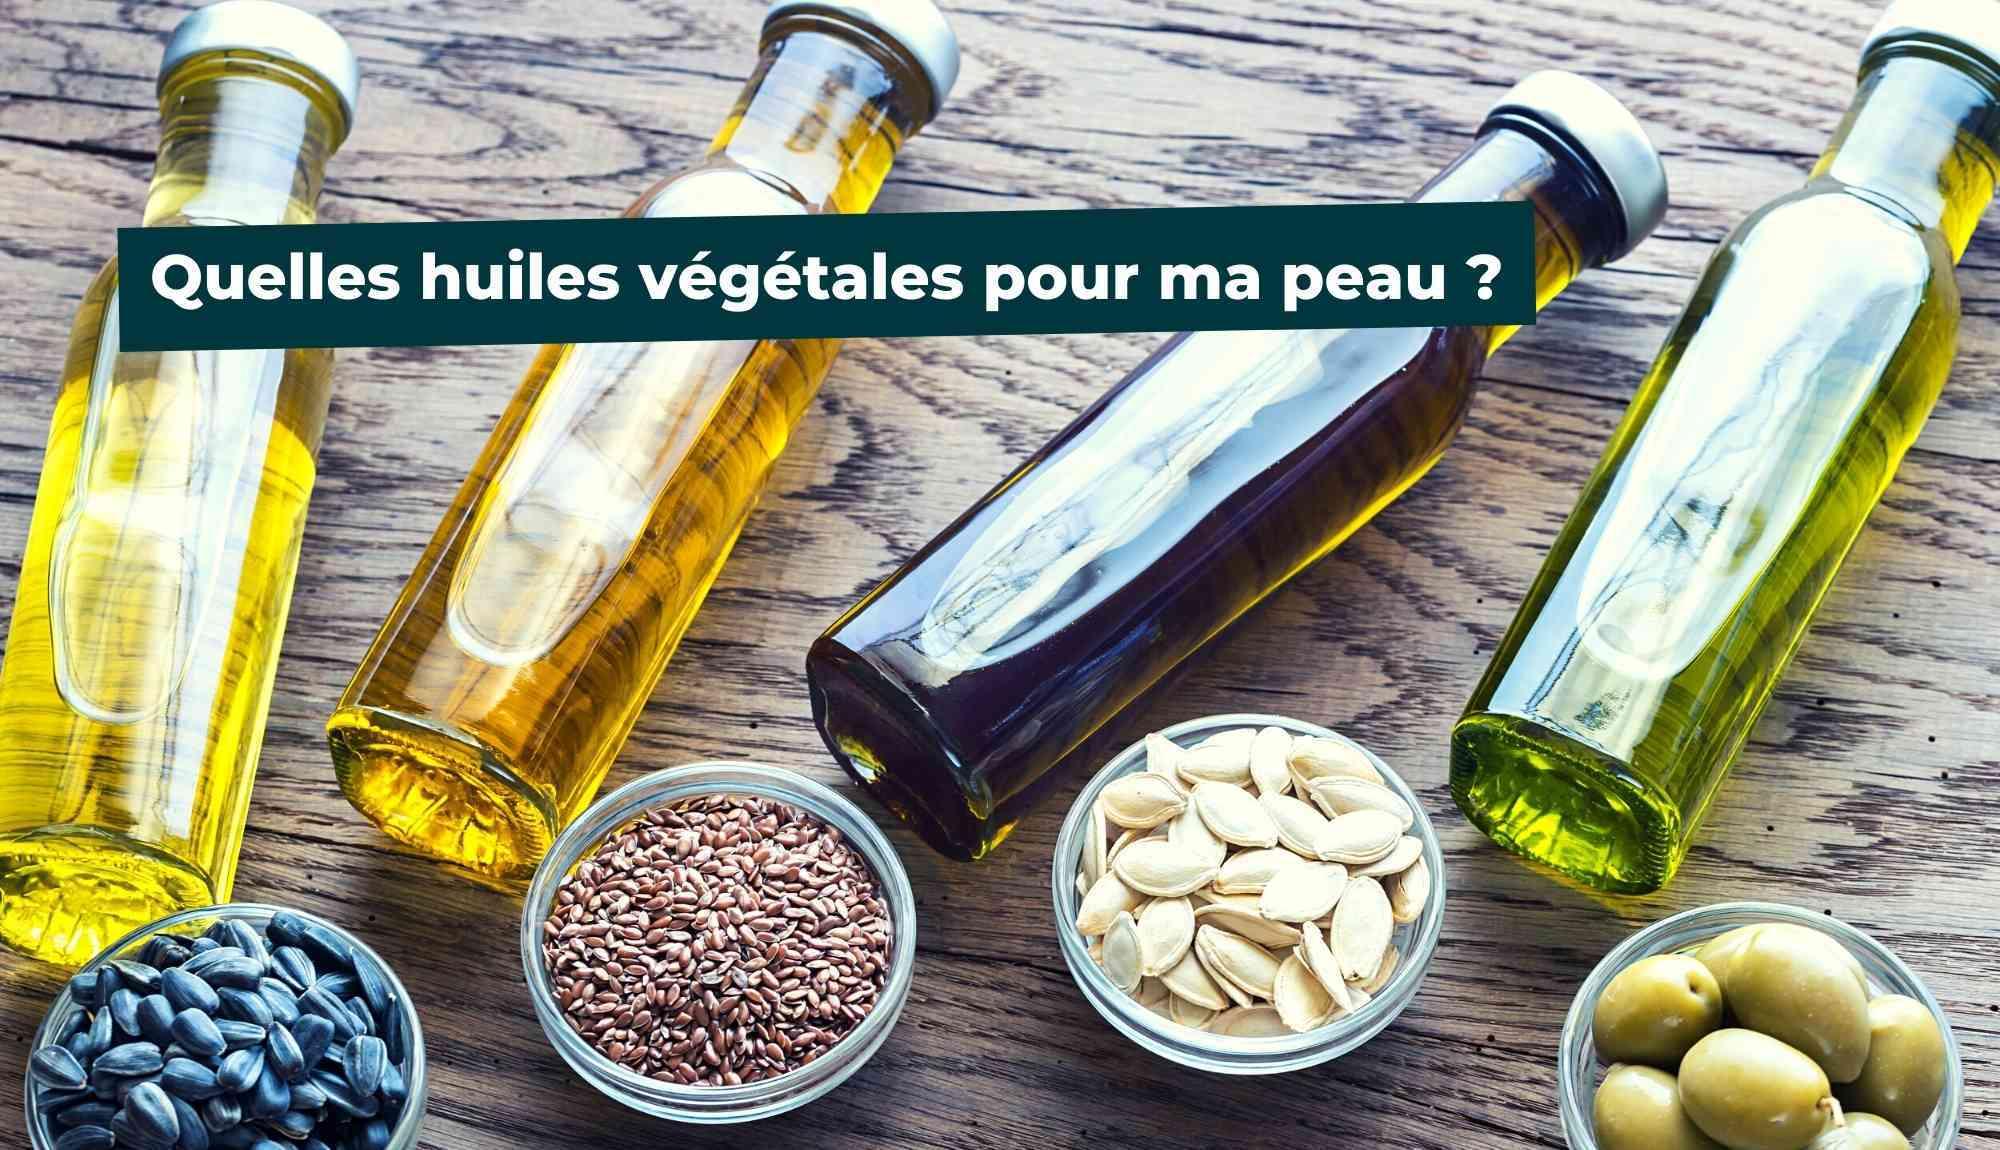 Quelles huiles végétales pour ma peau ?